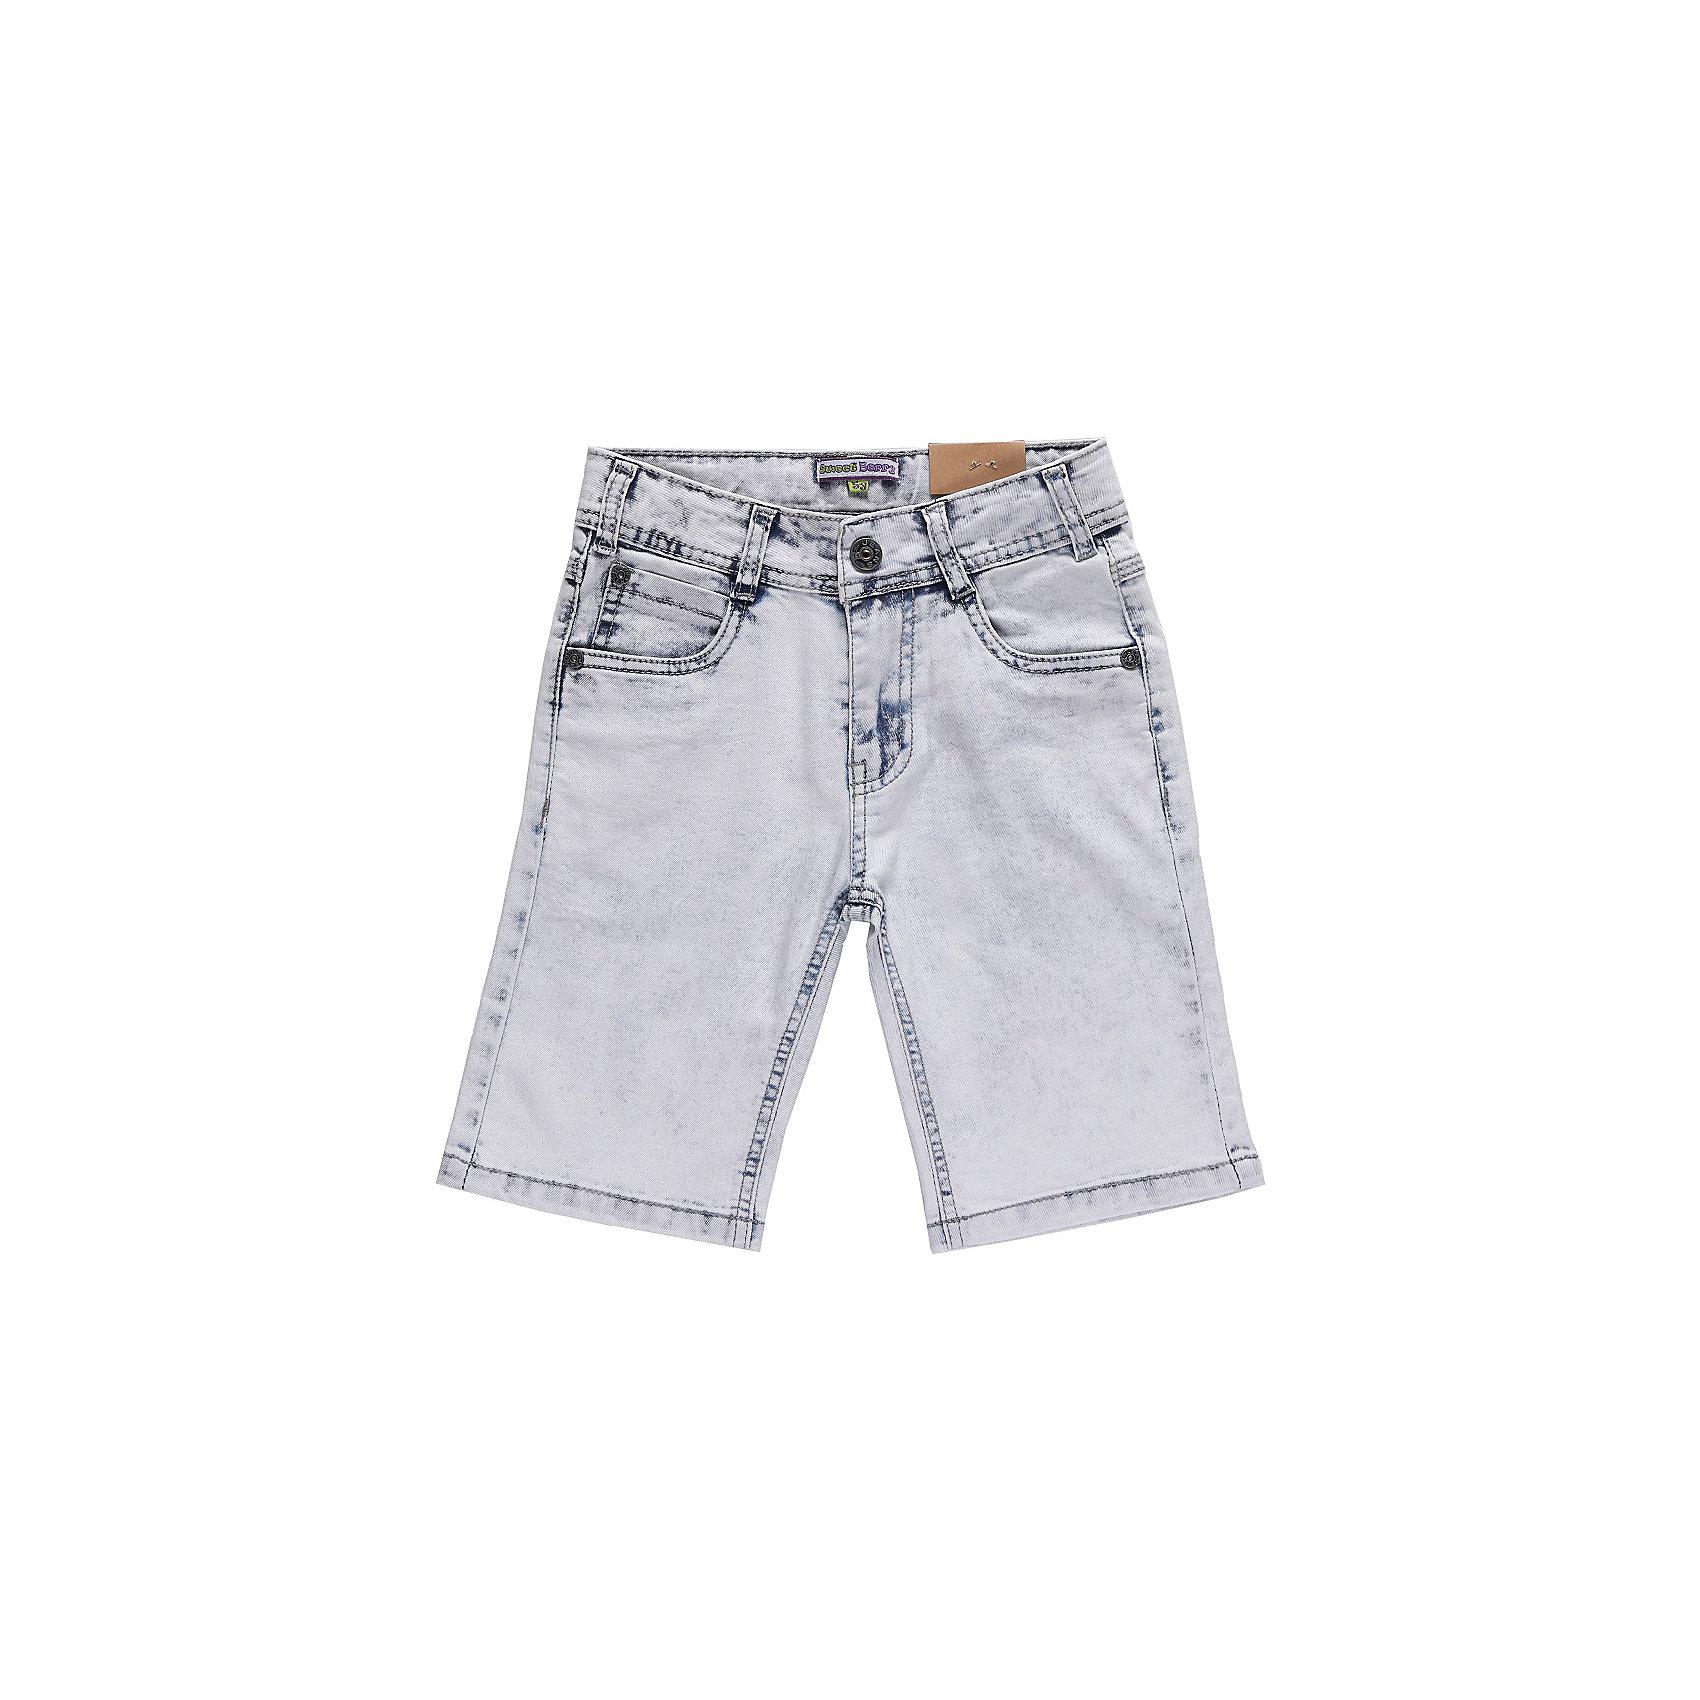 Бриджи джинсовые для мальчика Sweet BerryШорты, бриджи, капри<br>Джинсовые бриджи для мальчиков. Ткань имеет примесь эластана, поэтому они немнущиеся, легко стираются, не садятся. Однотонного голубого цвета с небольшими темными местами на швах. Штанины без подворотов. Такие бриджи - удобная и комфортная повседневная одежда в теплую пору года.<br>Состав:<br>98% хлопок, 2% эластан<br><br>Ширина мм: 191<br>Глубина мм: 10<br>Высота мм: 175<br>Вес г: 273<br>Цвет: голубой<br>Возраст от месяцев: 84<br>Возраст до месяцев: 96<br>Пол: Мужской<br>Возраст: Детский<br>Размер: 128,104,98,116,110,122<br>SKU: 4523013